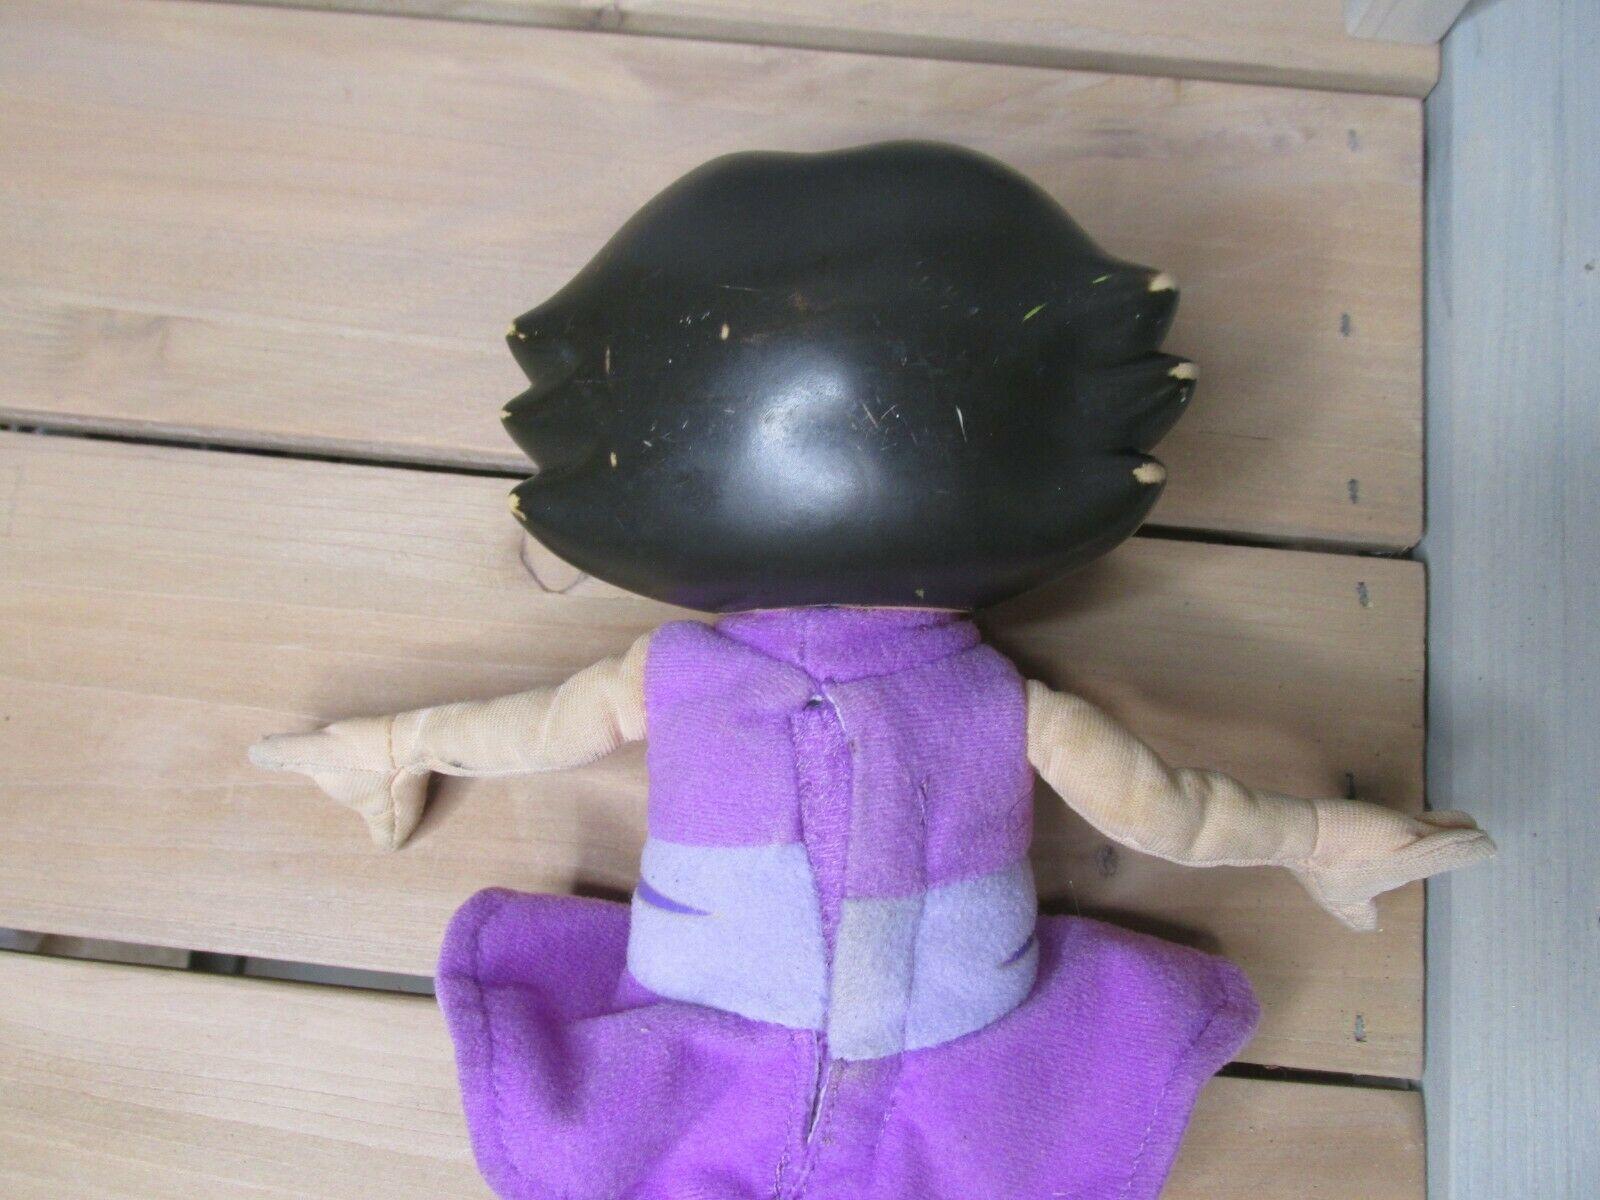 """Disney Little Einsteins June 8"""" Talking Singing Plush Doll Vinyl Head WORKS image 2"""